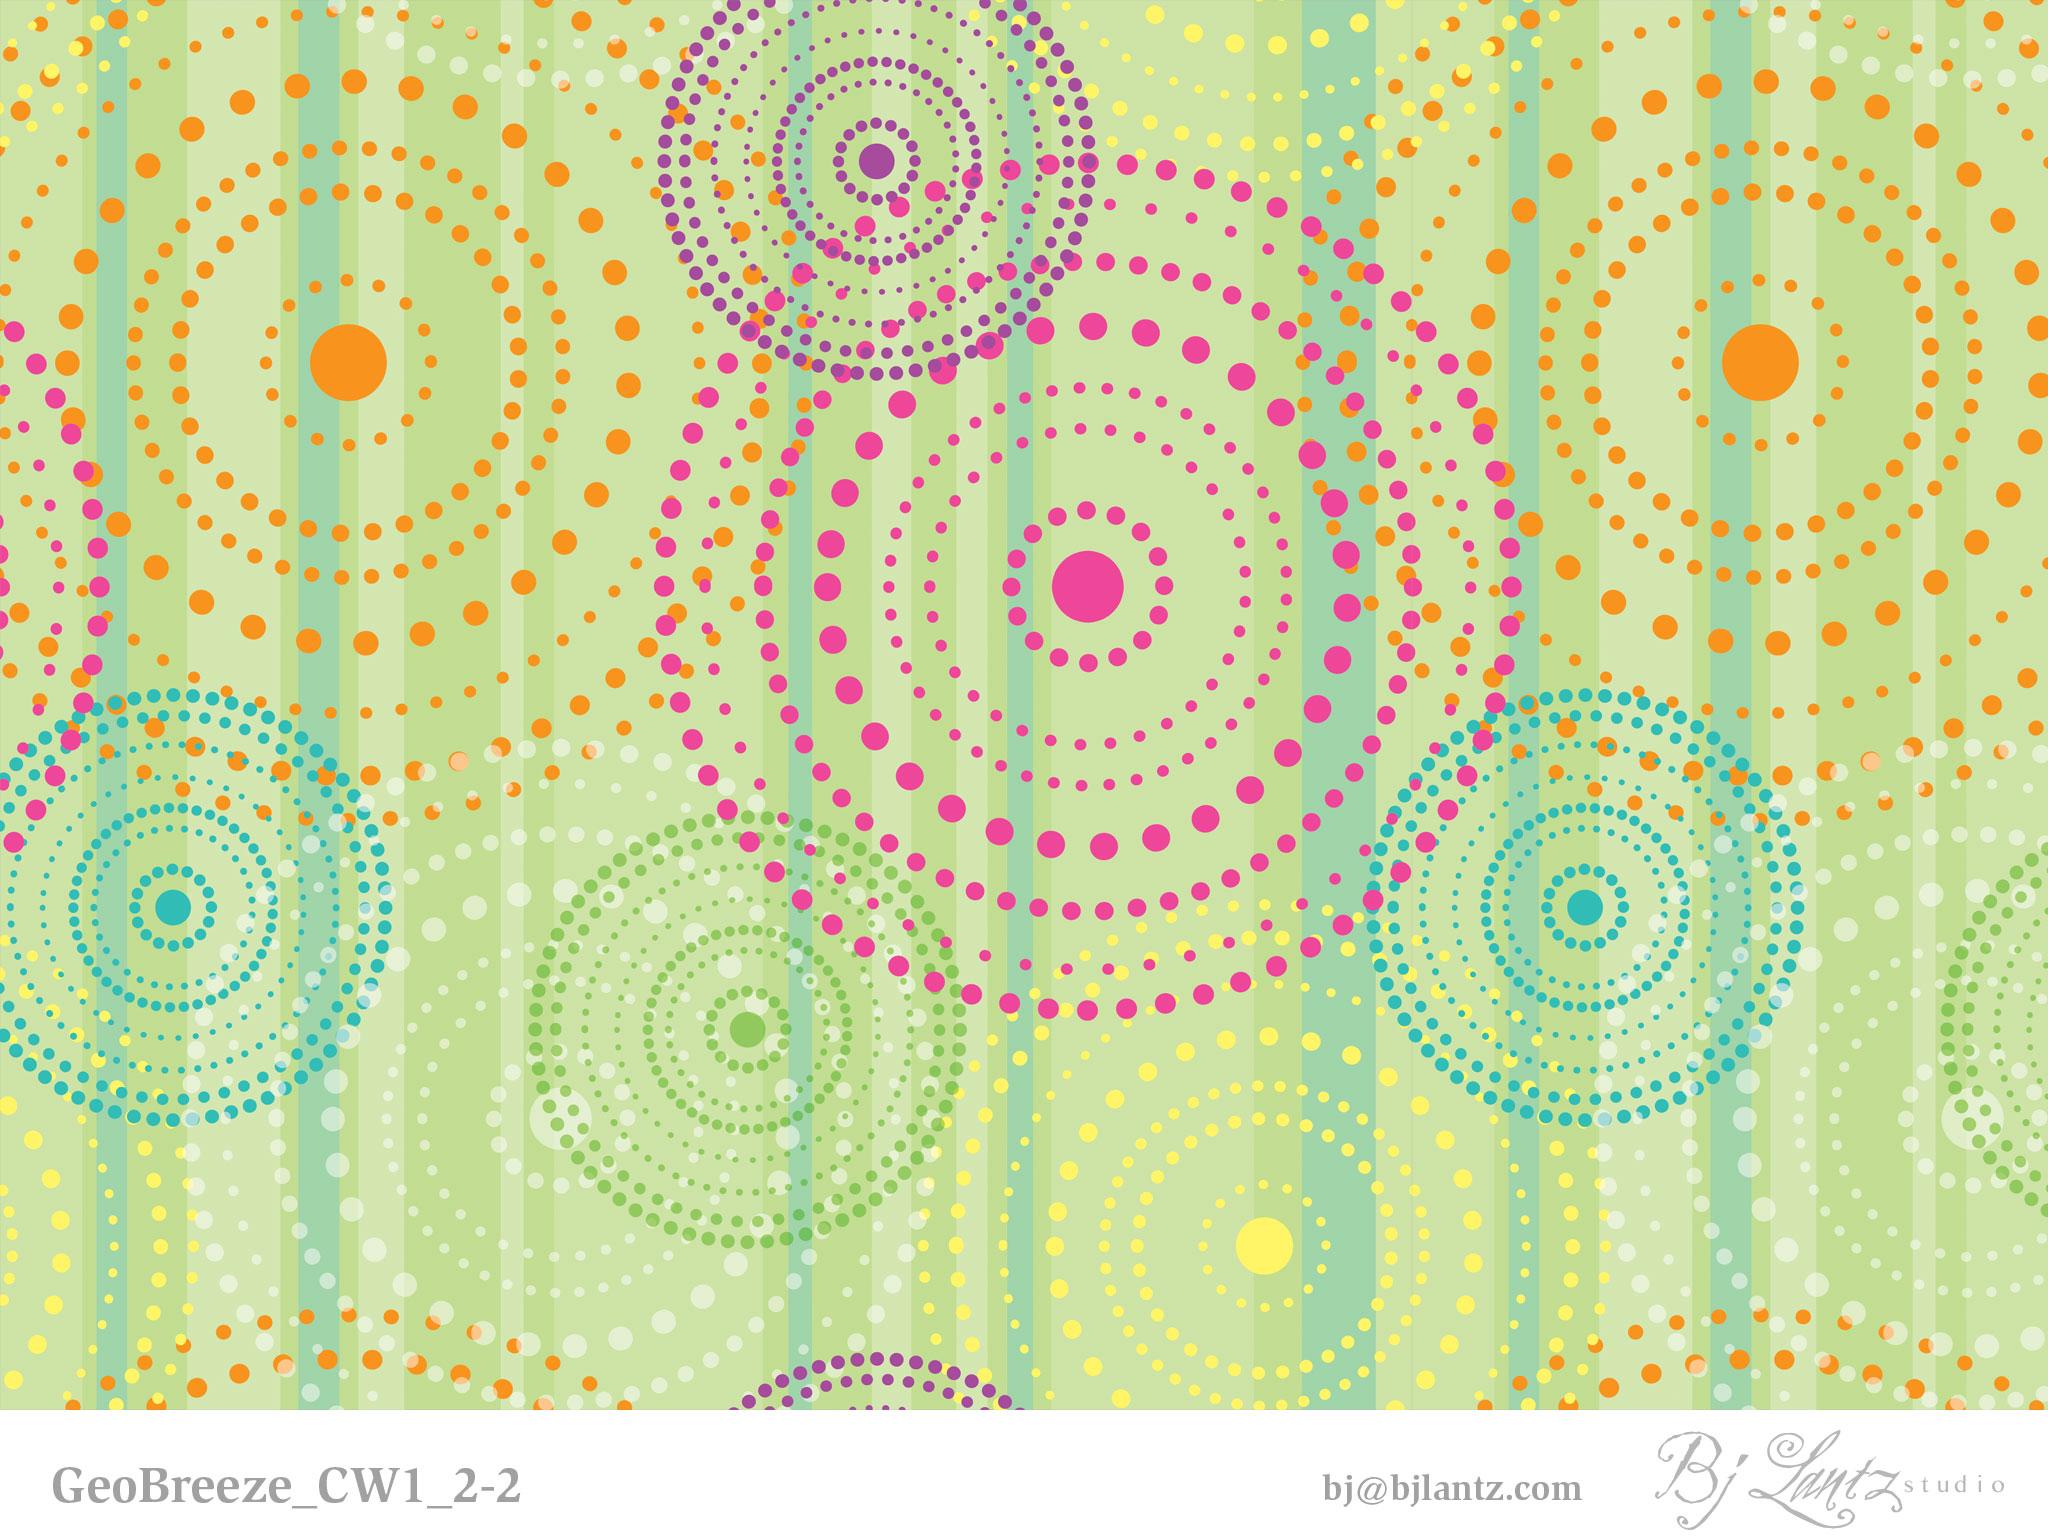 GeoBreeze_BJ-Lantz_CW1-2-2.jpg